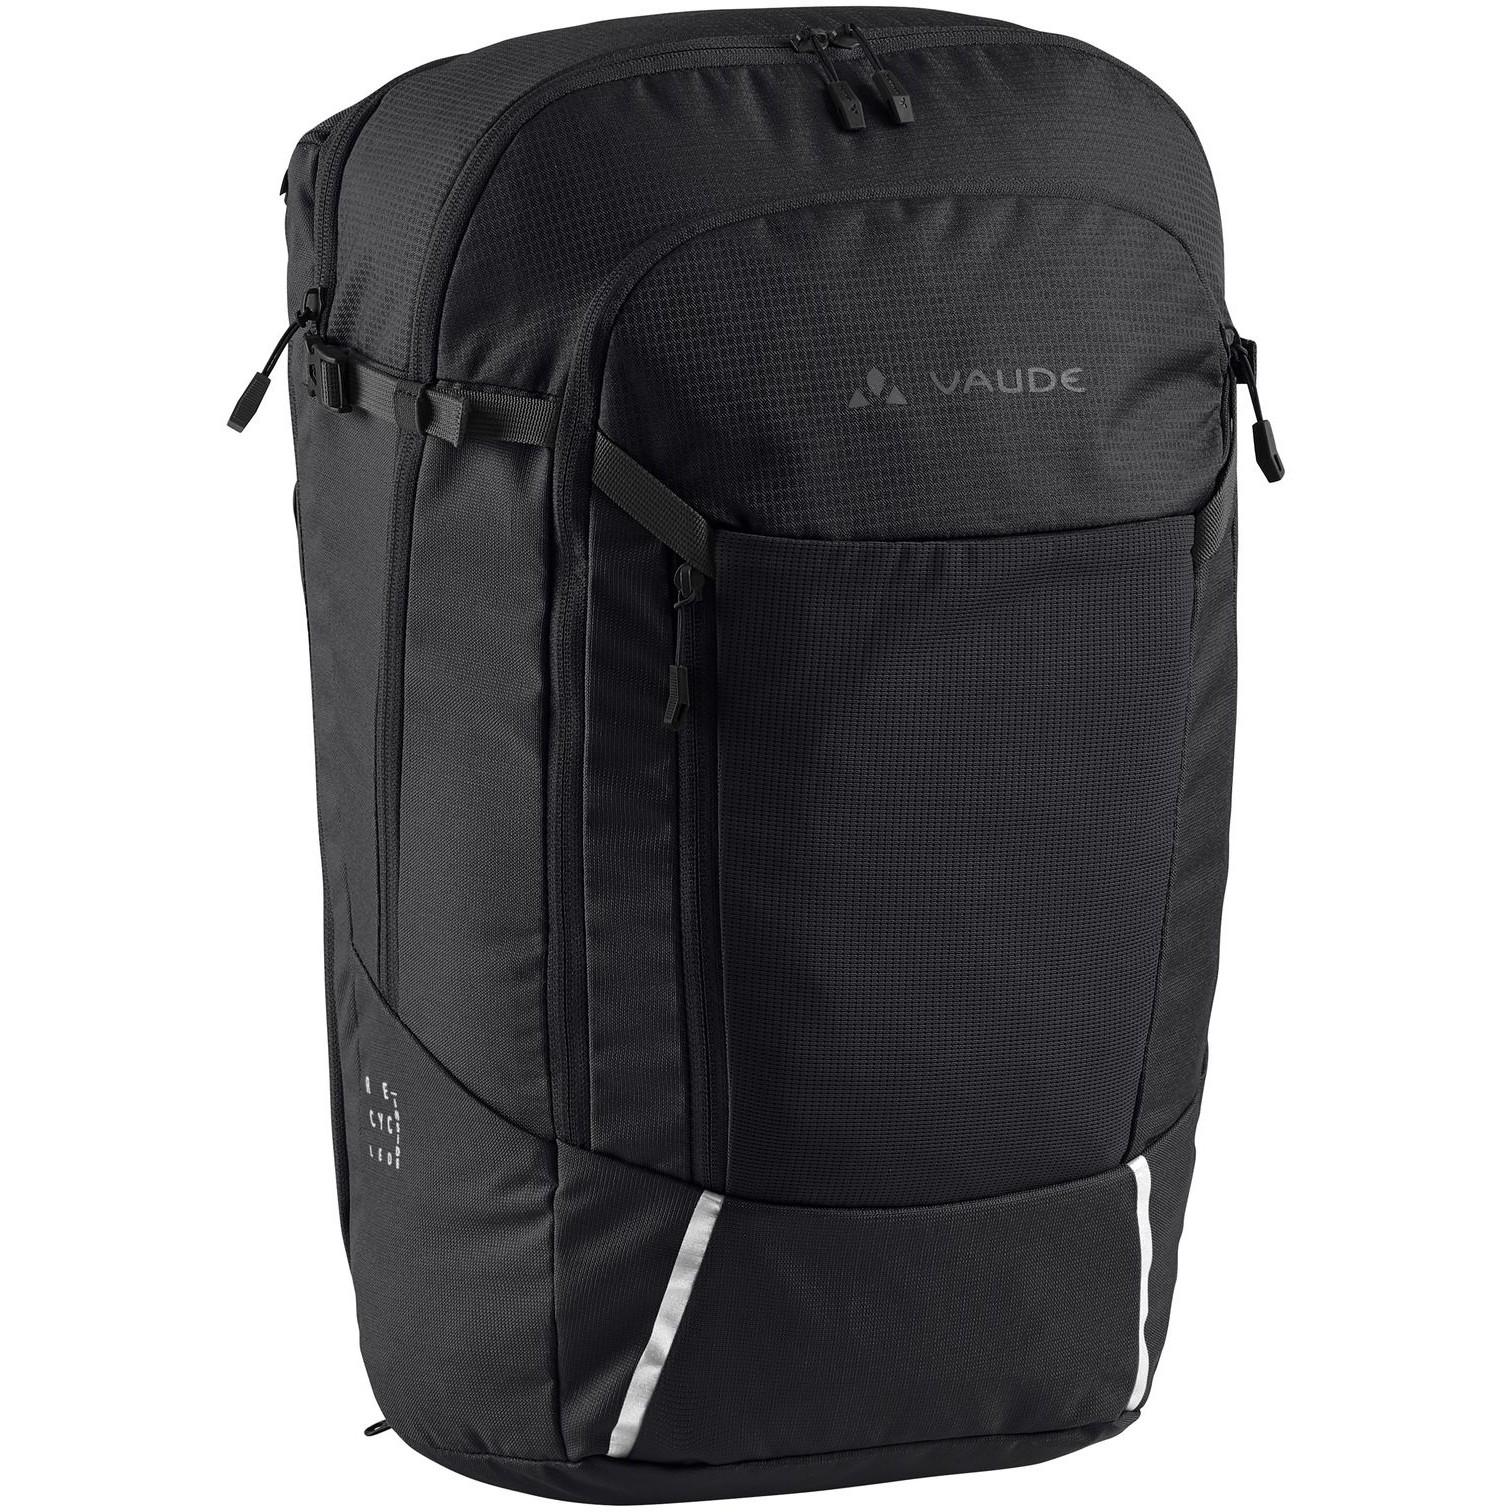 Image of Vaude Cycle 28 II Backpack - black